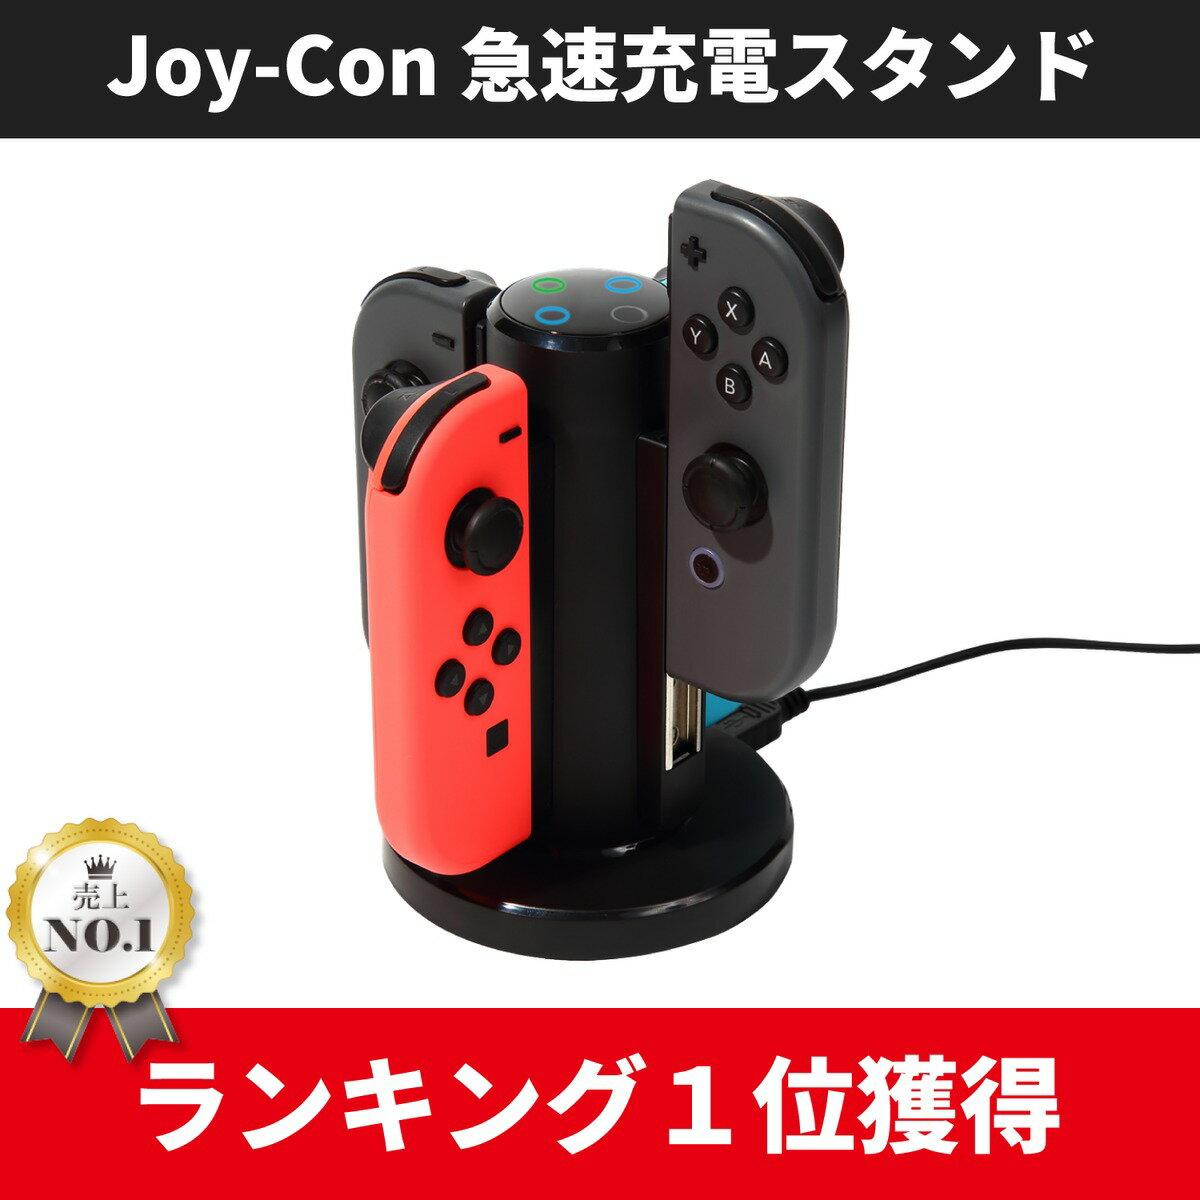 【残りわずか】【送料無料】Nintendo Switch ジョイコン急速充電スタンド 充電スタンド switch 充電 充電器 nintendo switch 充電 Joy-Con joy−con